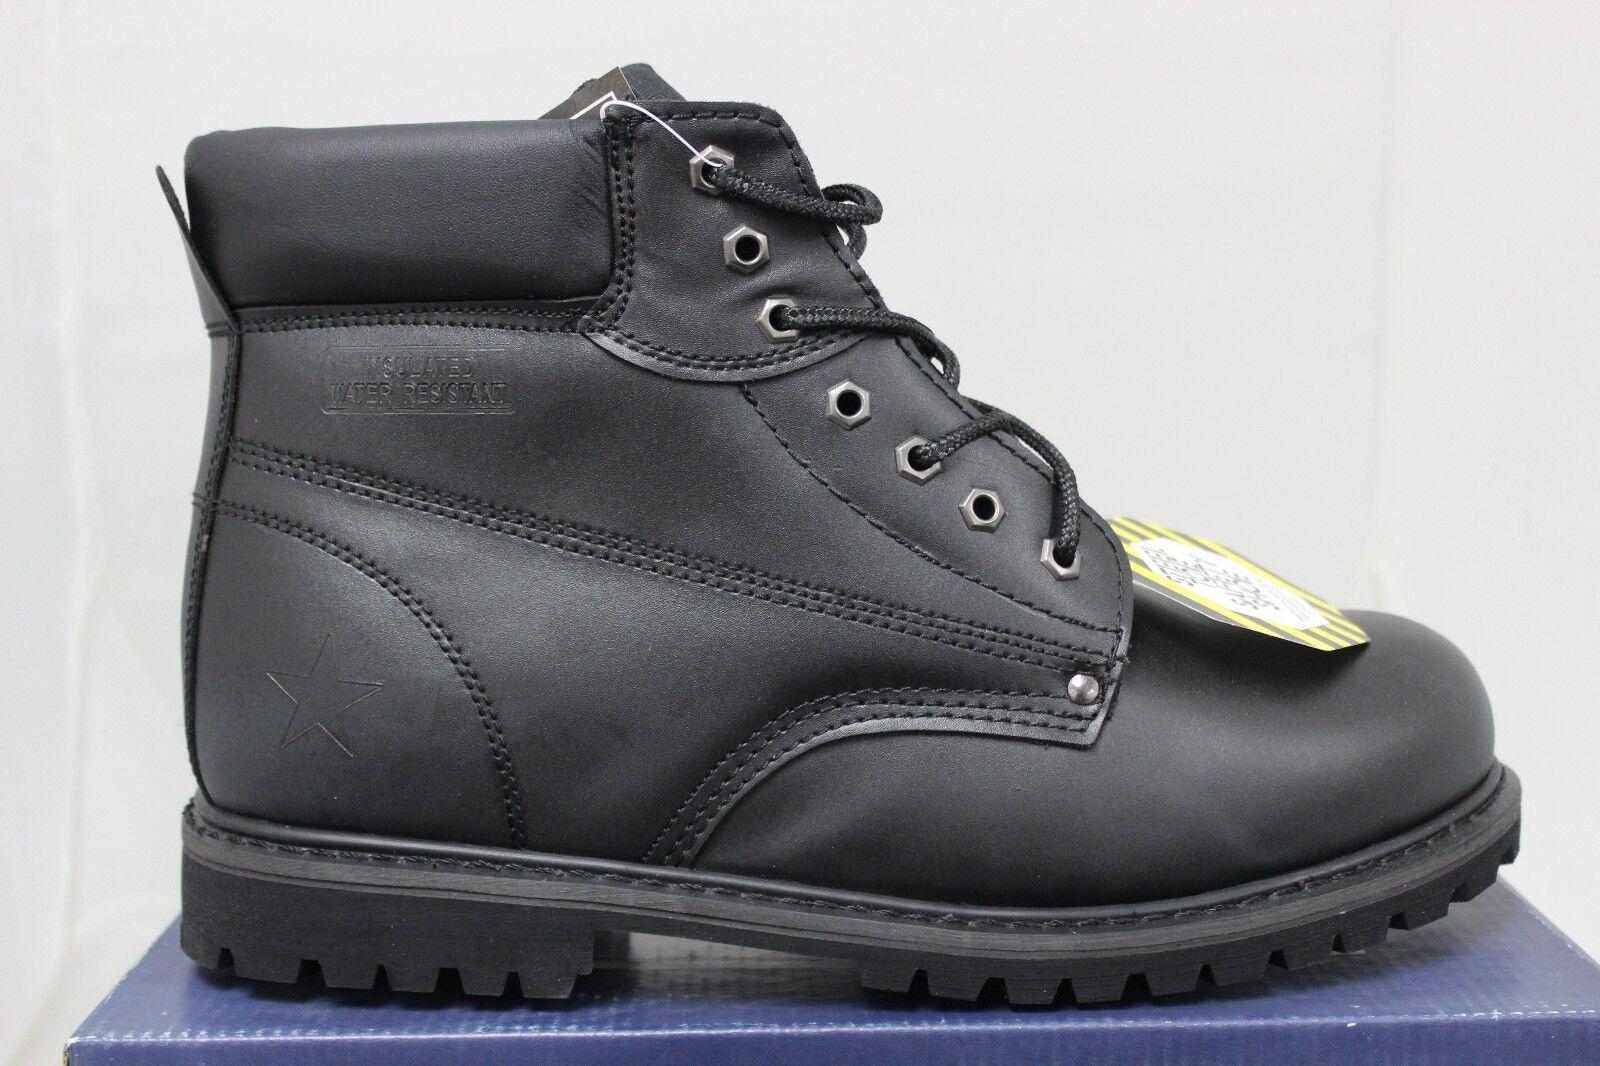 Homme Five Star Chaussures Embout Coqué Acier Cuir Noir Toutes les Tailles grand